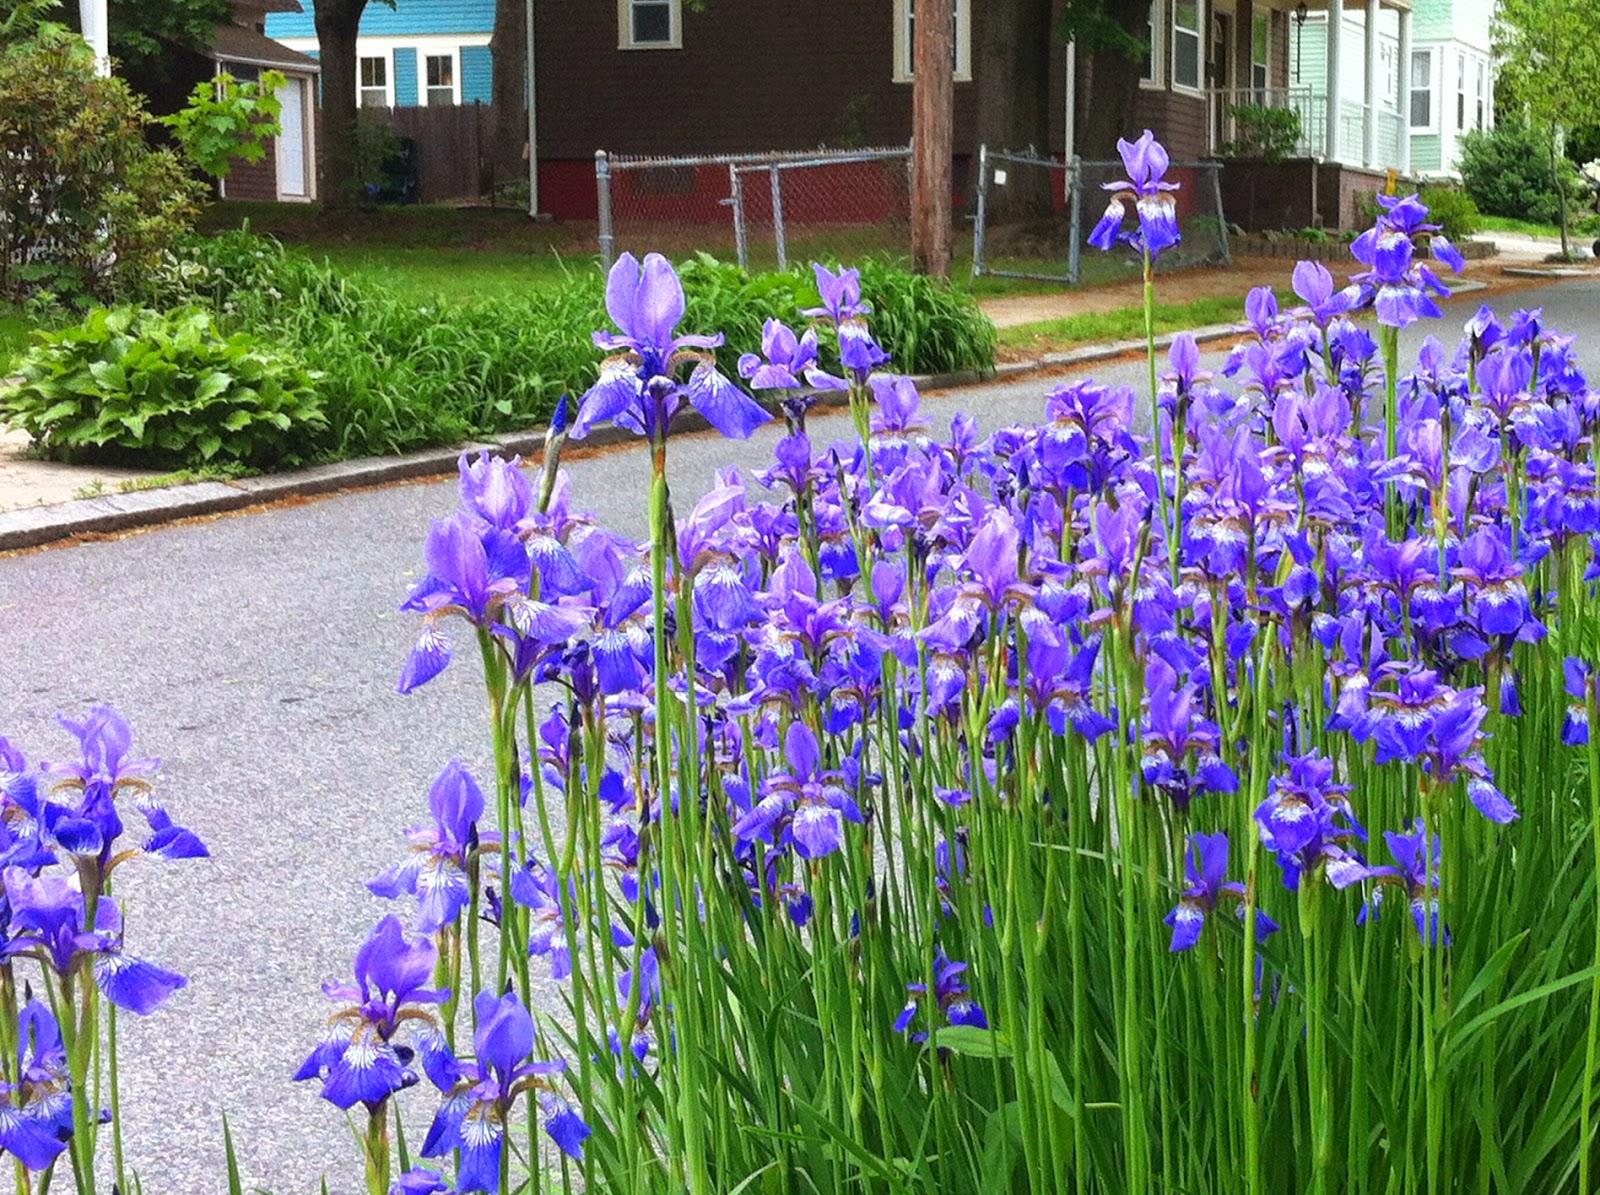 Parkway irises